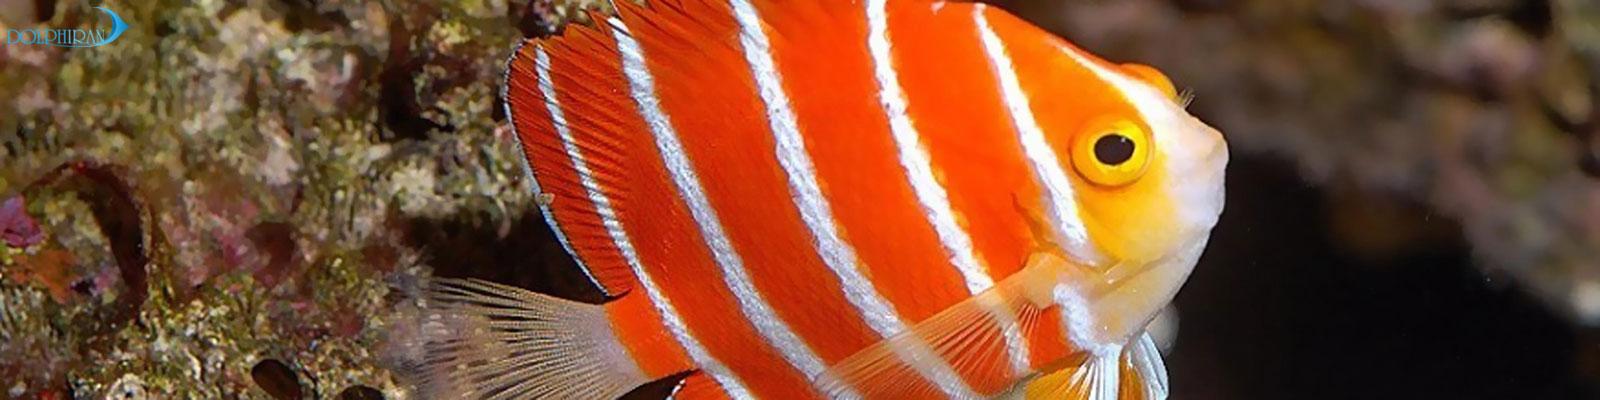 فرشته ماهیان سازگار با آکواریوم ریف - بخش دوم